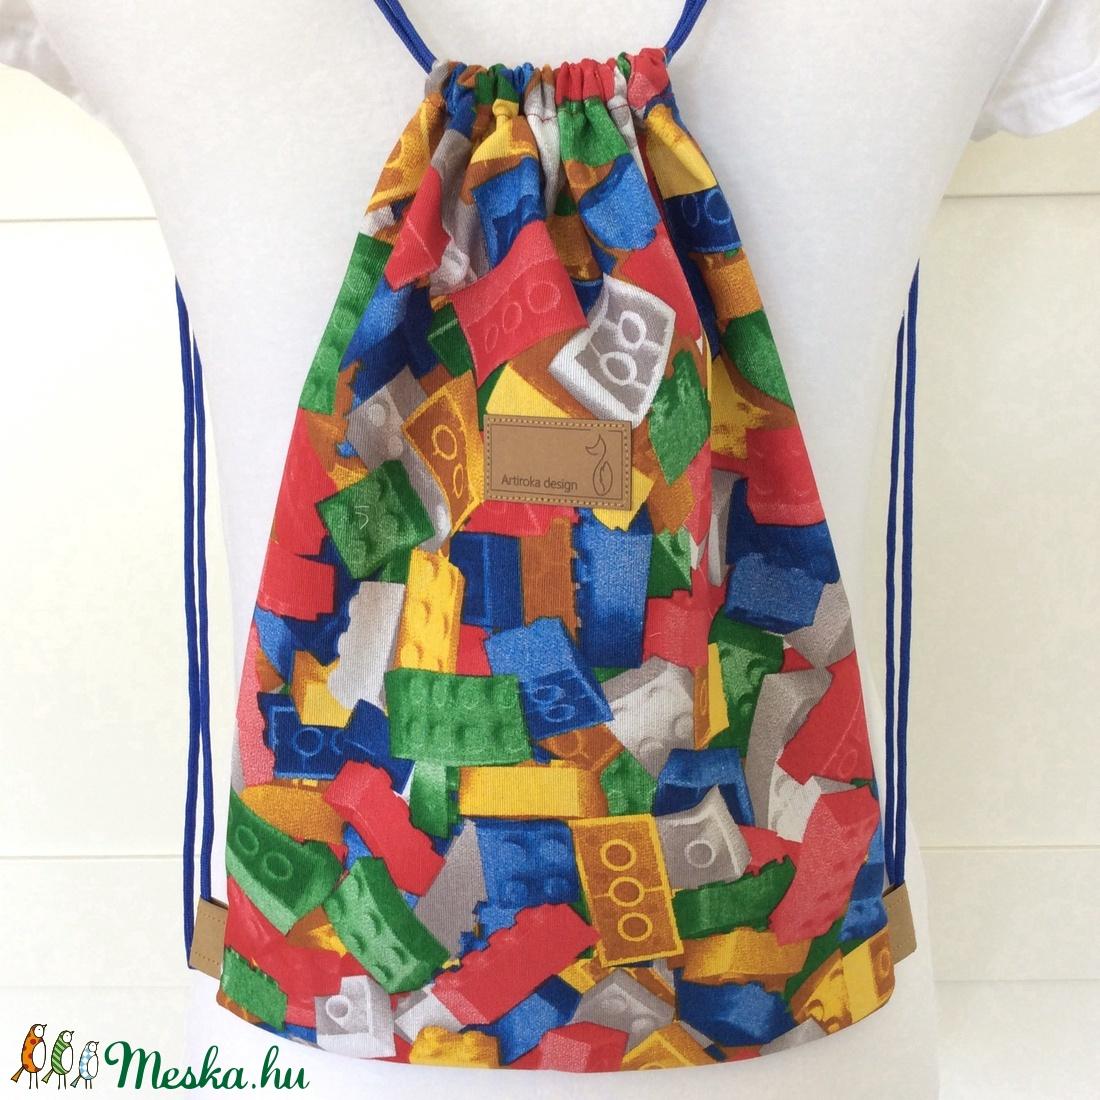 60f469f50c01 LEGO mintás, egyedi hátizsák - tornazsák edzéshez, úszáshoz, kirándulashoz  gyerek napra